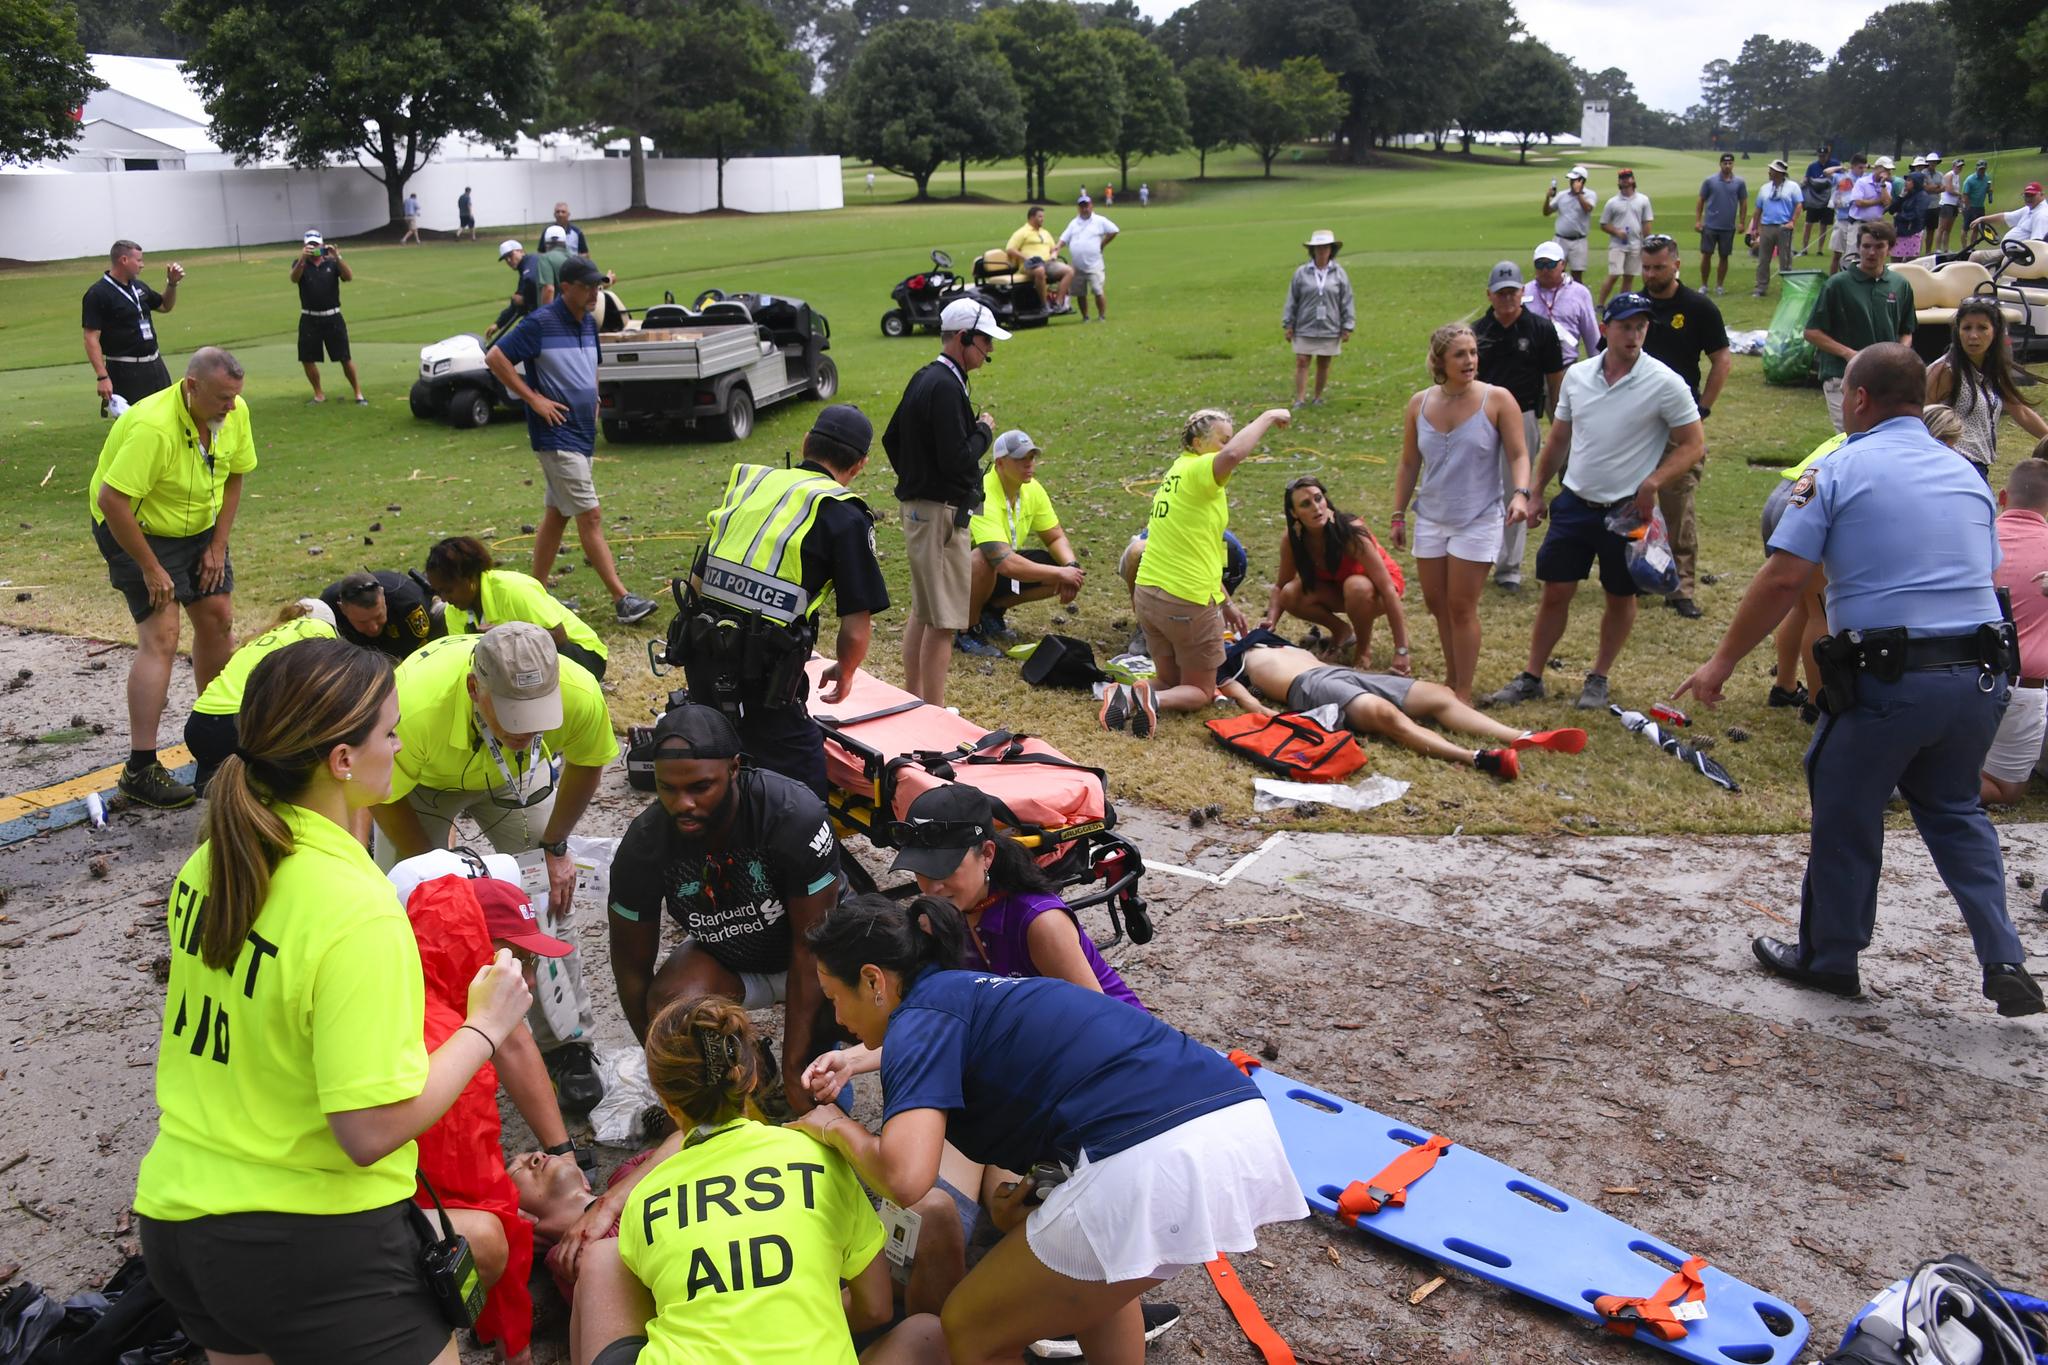 24일(현지시간) 오후 미국 조지아주 애틀랜타 이스트 레이크 골프클럽에서 구조대원들이 쓰러진 갤러리들을 응급처치하고 있다. [AP=연합뉴스]